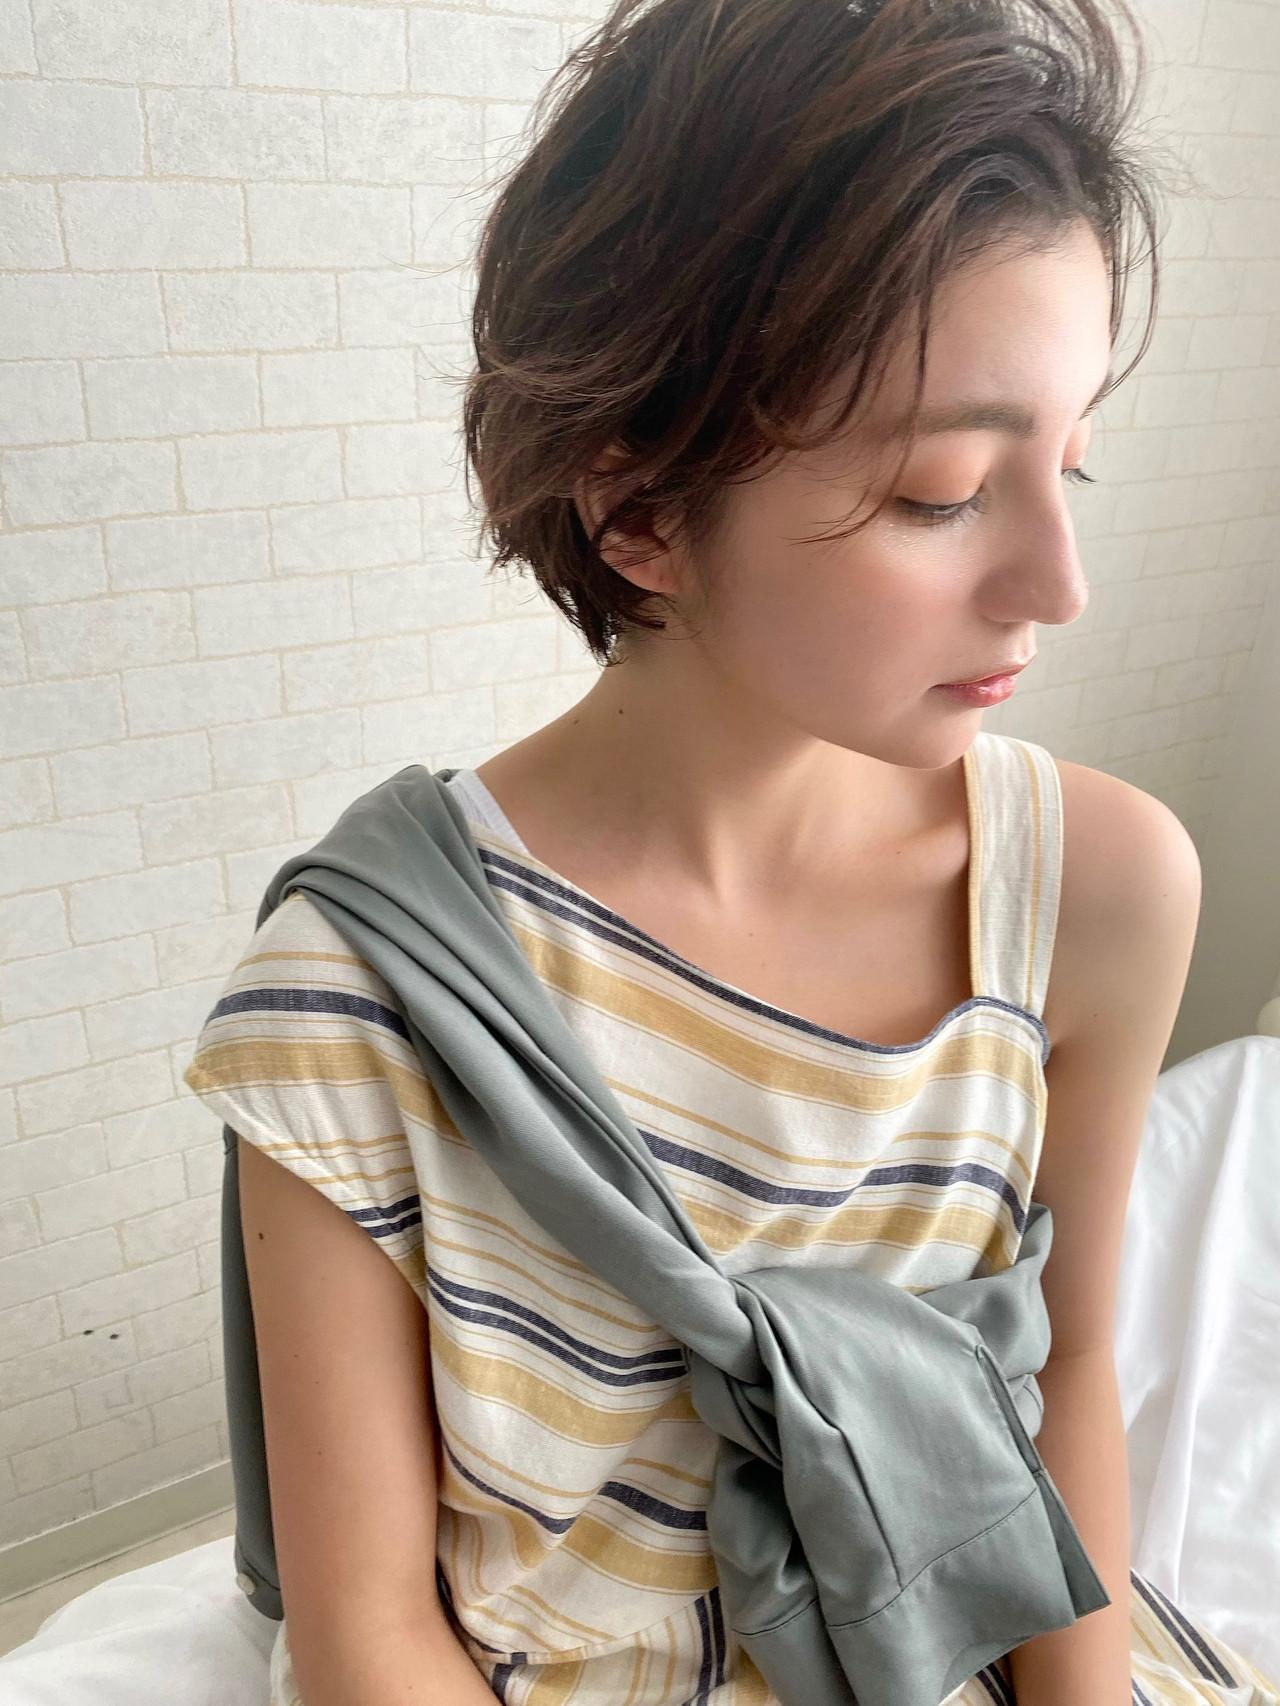 アンニュイほつれヘア ナチュラル パーマ ショートヘア ヘアスタイルや髪型の写真・画像 | Mirai / Lilou